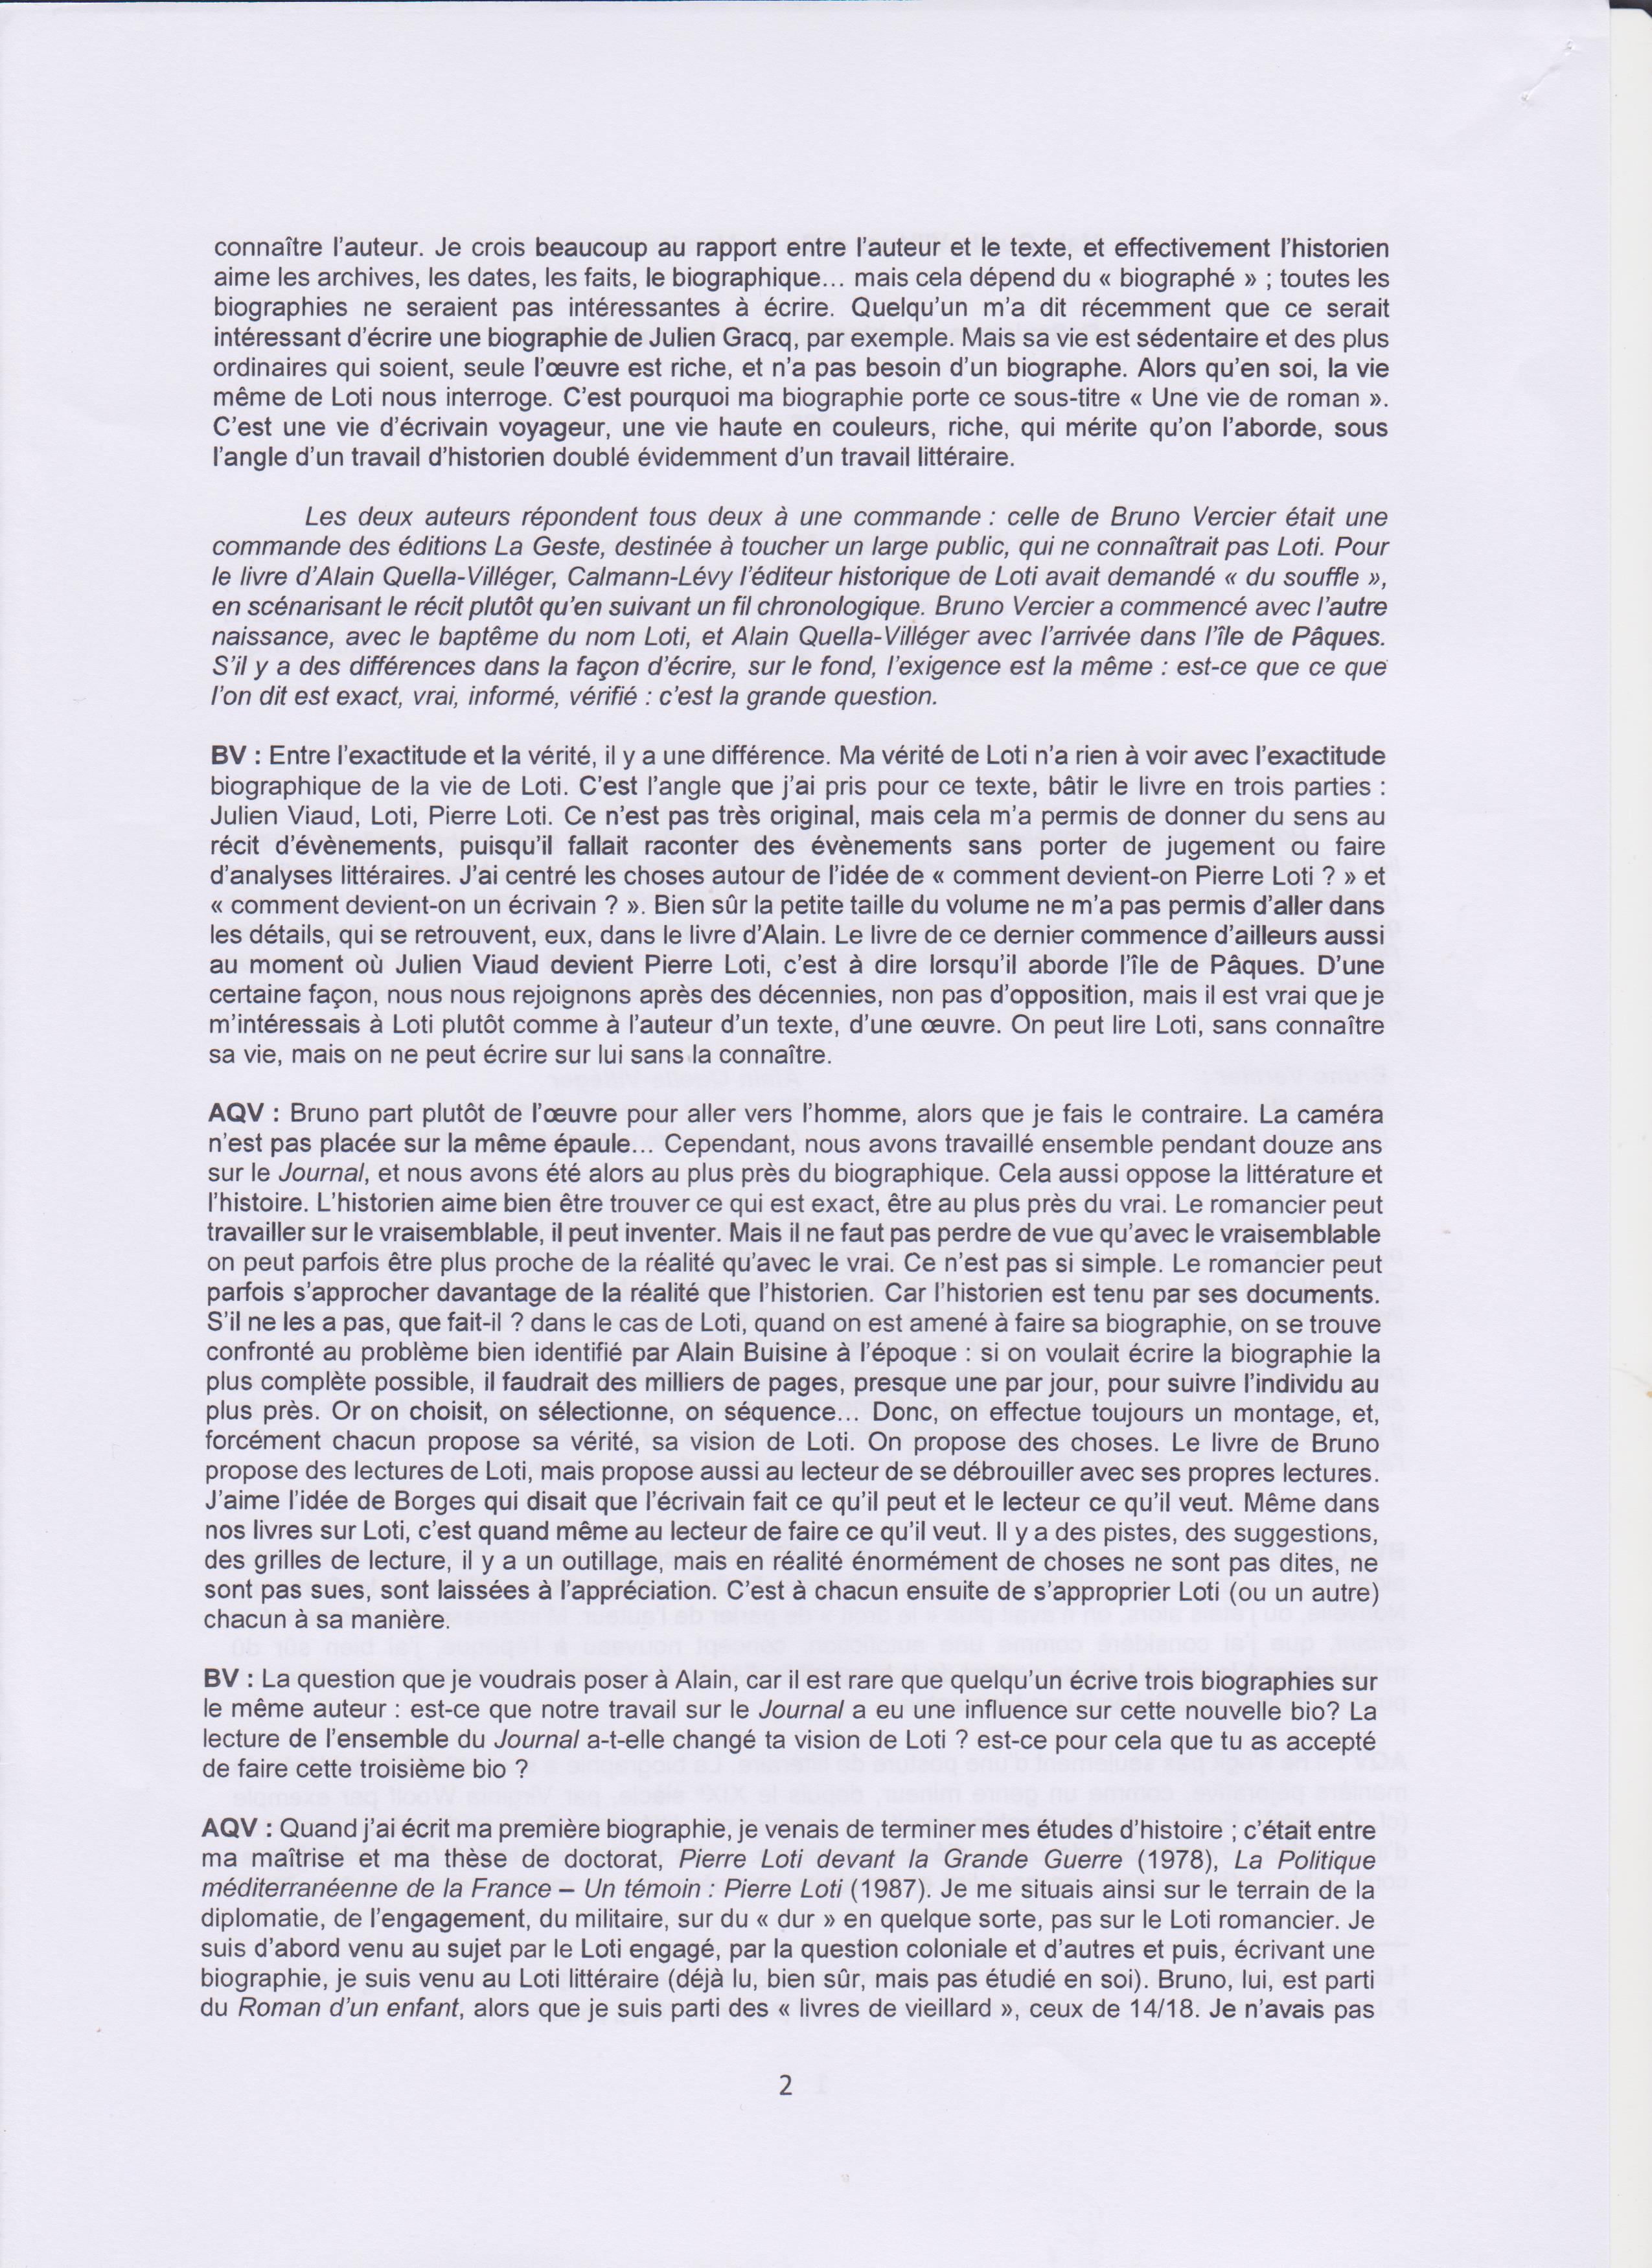 échanges AQV et BV-page 2